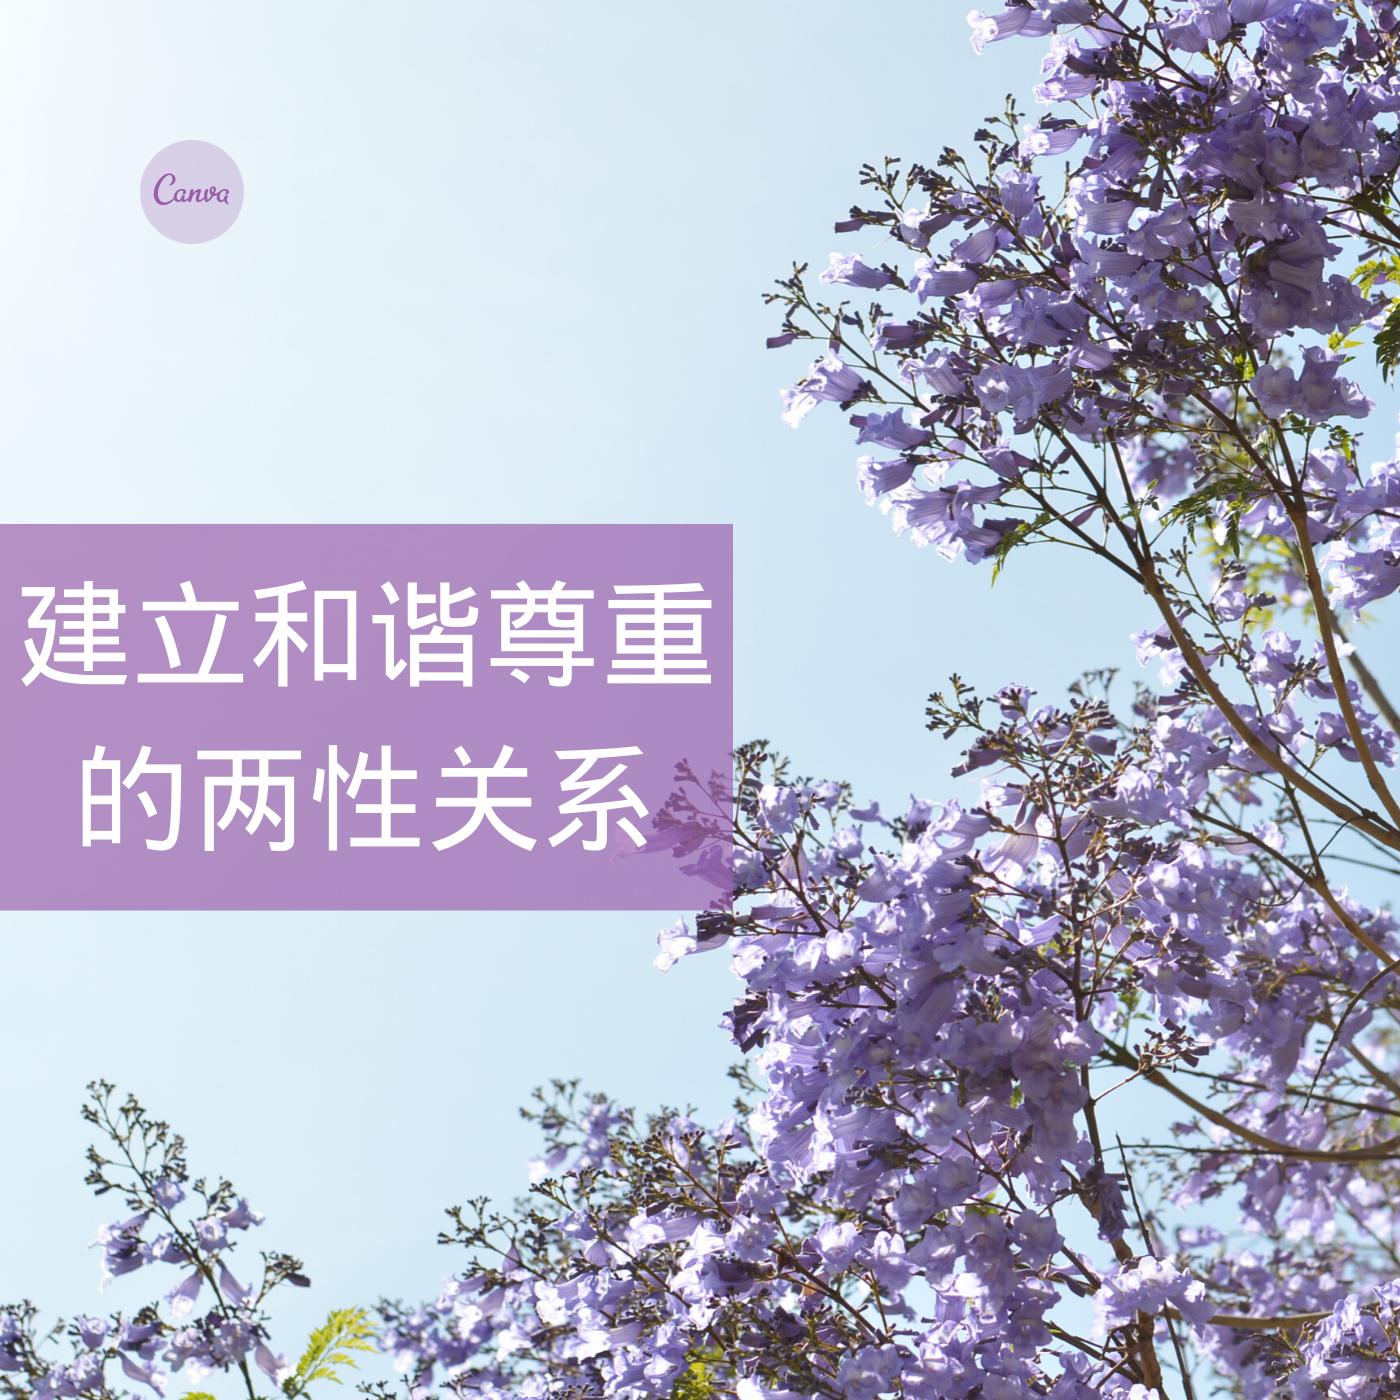 蔡礼旭老师:如何建立和谐尊重的两性关系